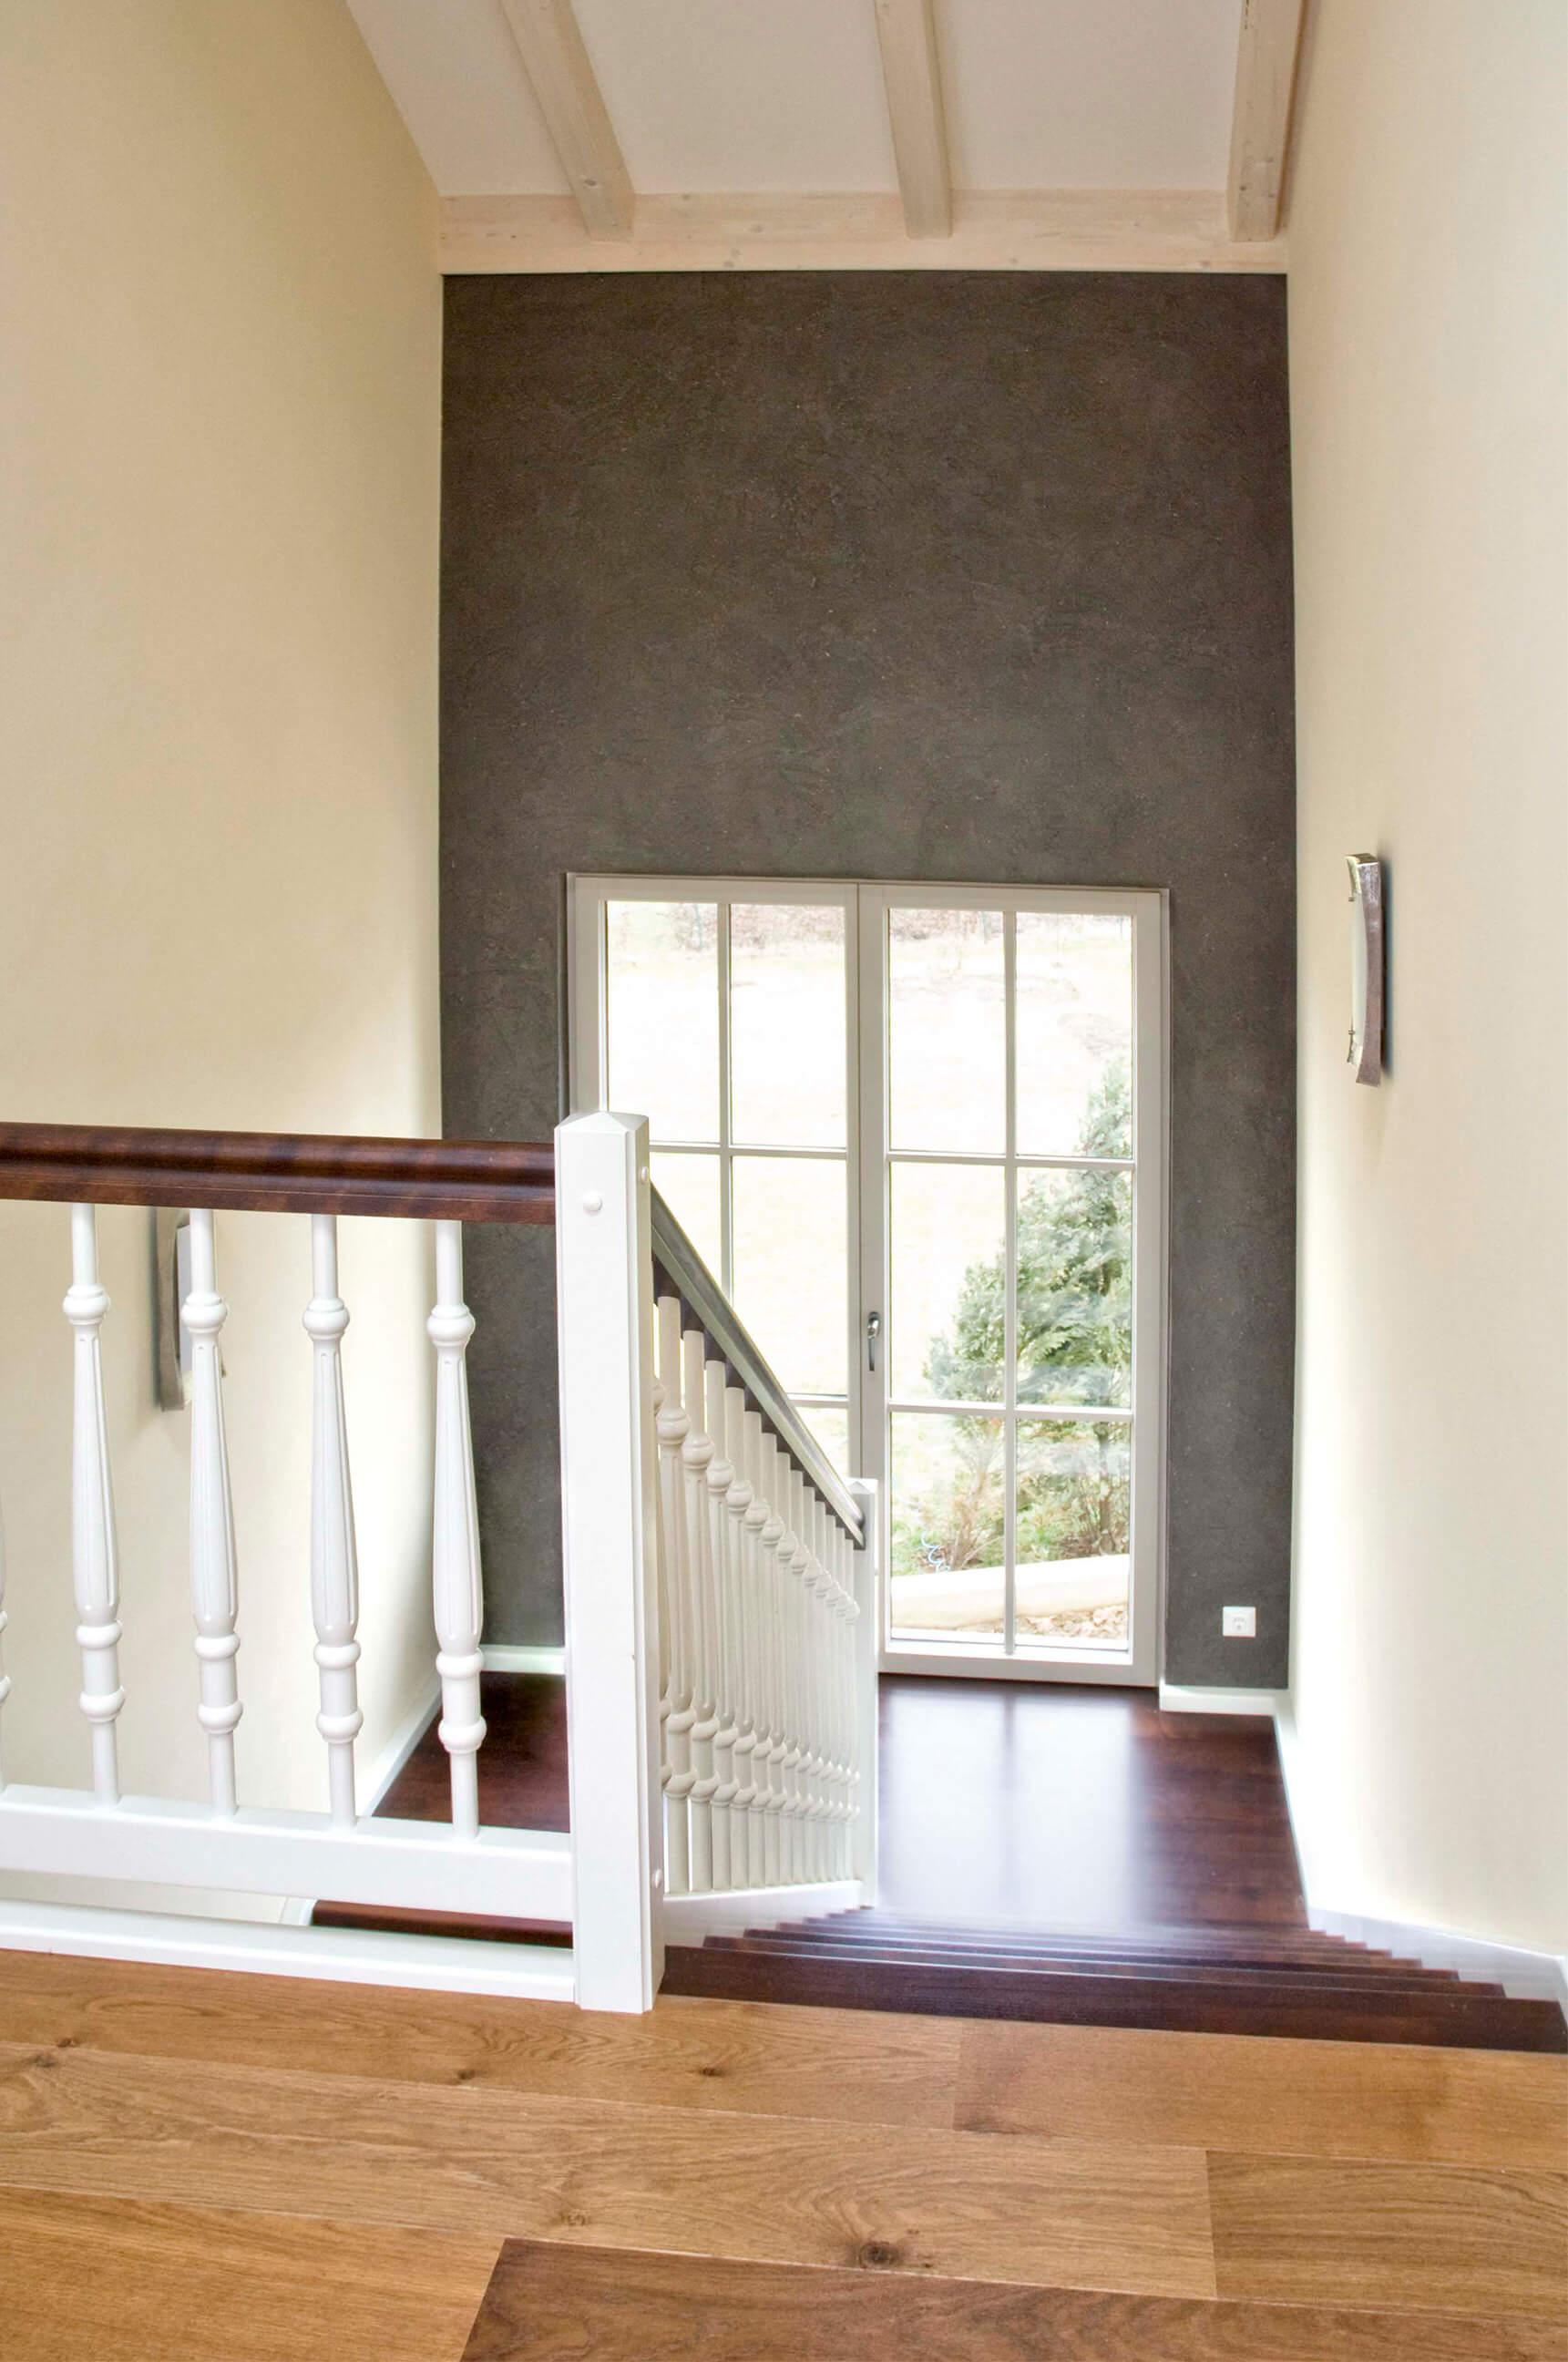 lehmputz f r ein gesundes raumklima adler wohndesign. Black Bedroom Furniture Sets. Home Design Ideas